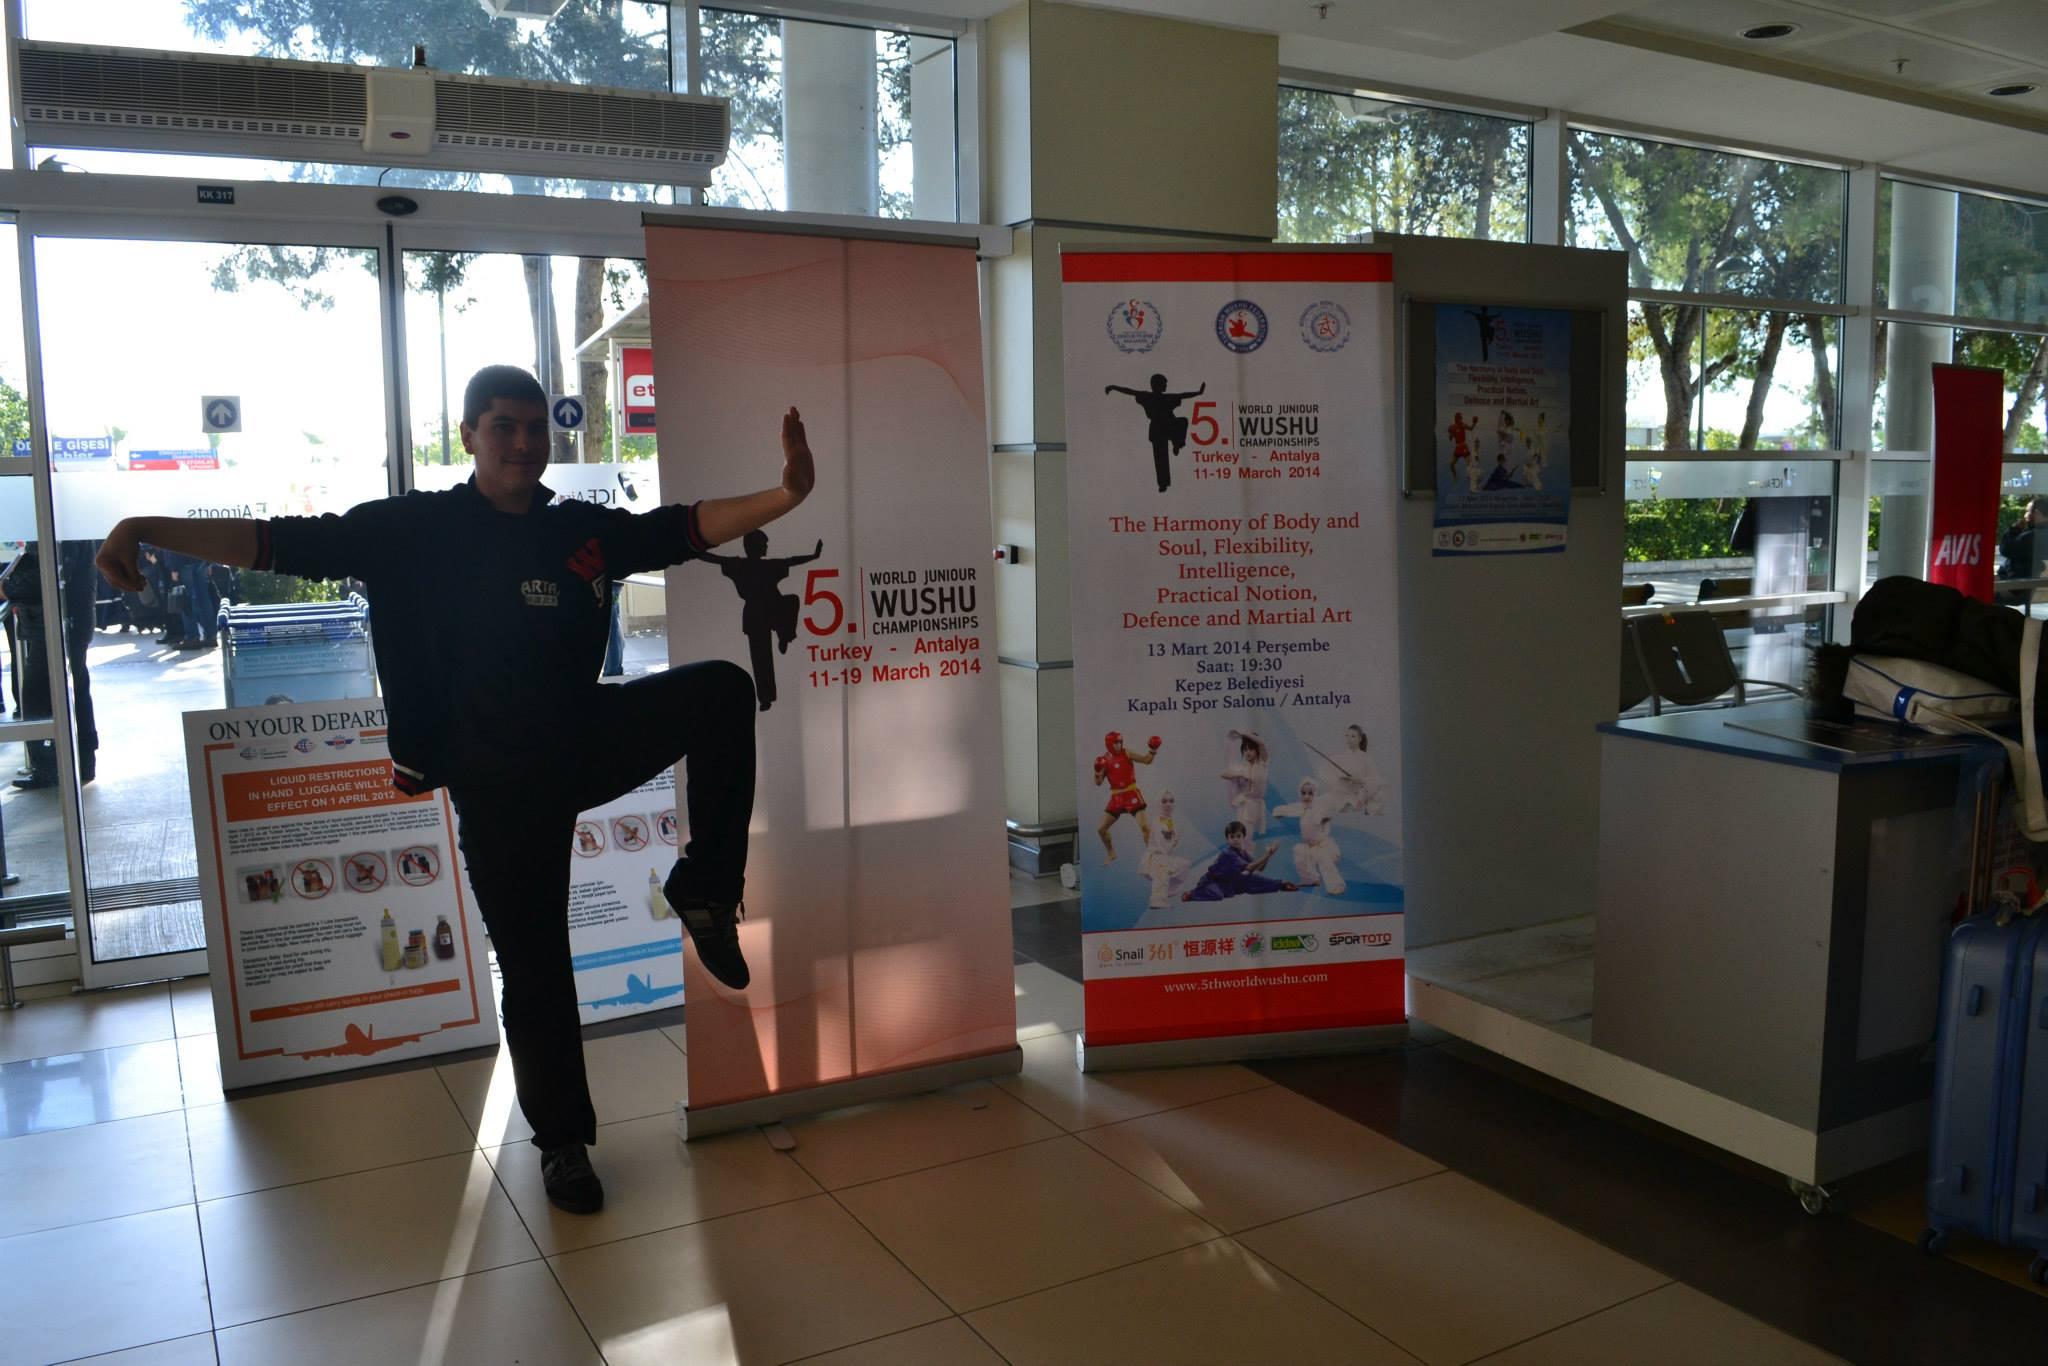 Curso Internacional de Wushu,Turquia